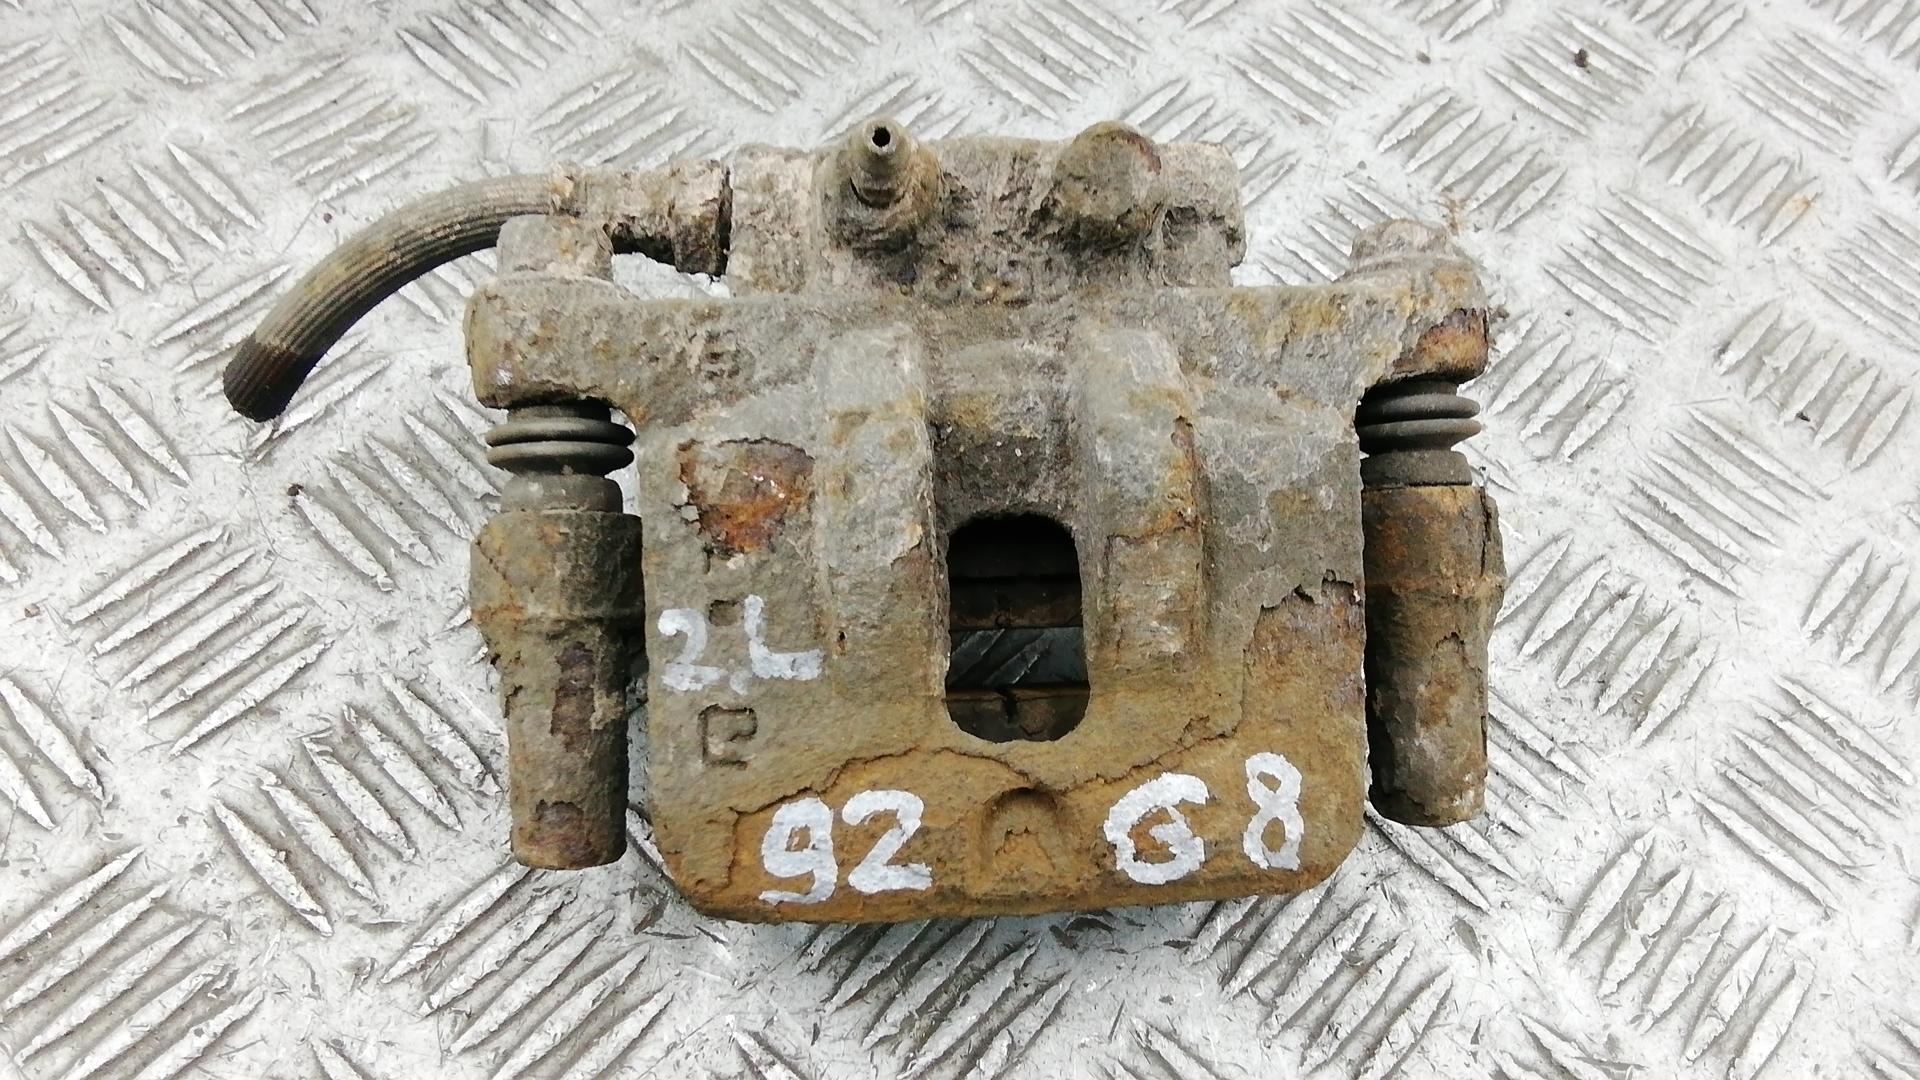 Суппорт тормозной задний левый, DODGE, CALIBER, 2007